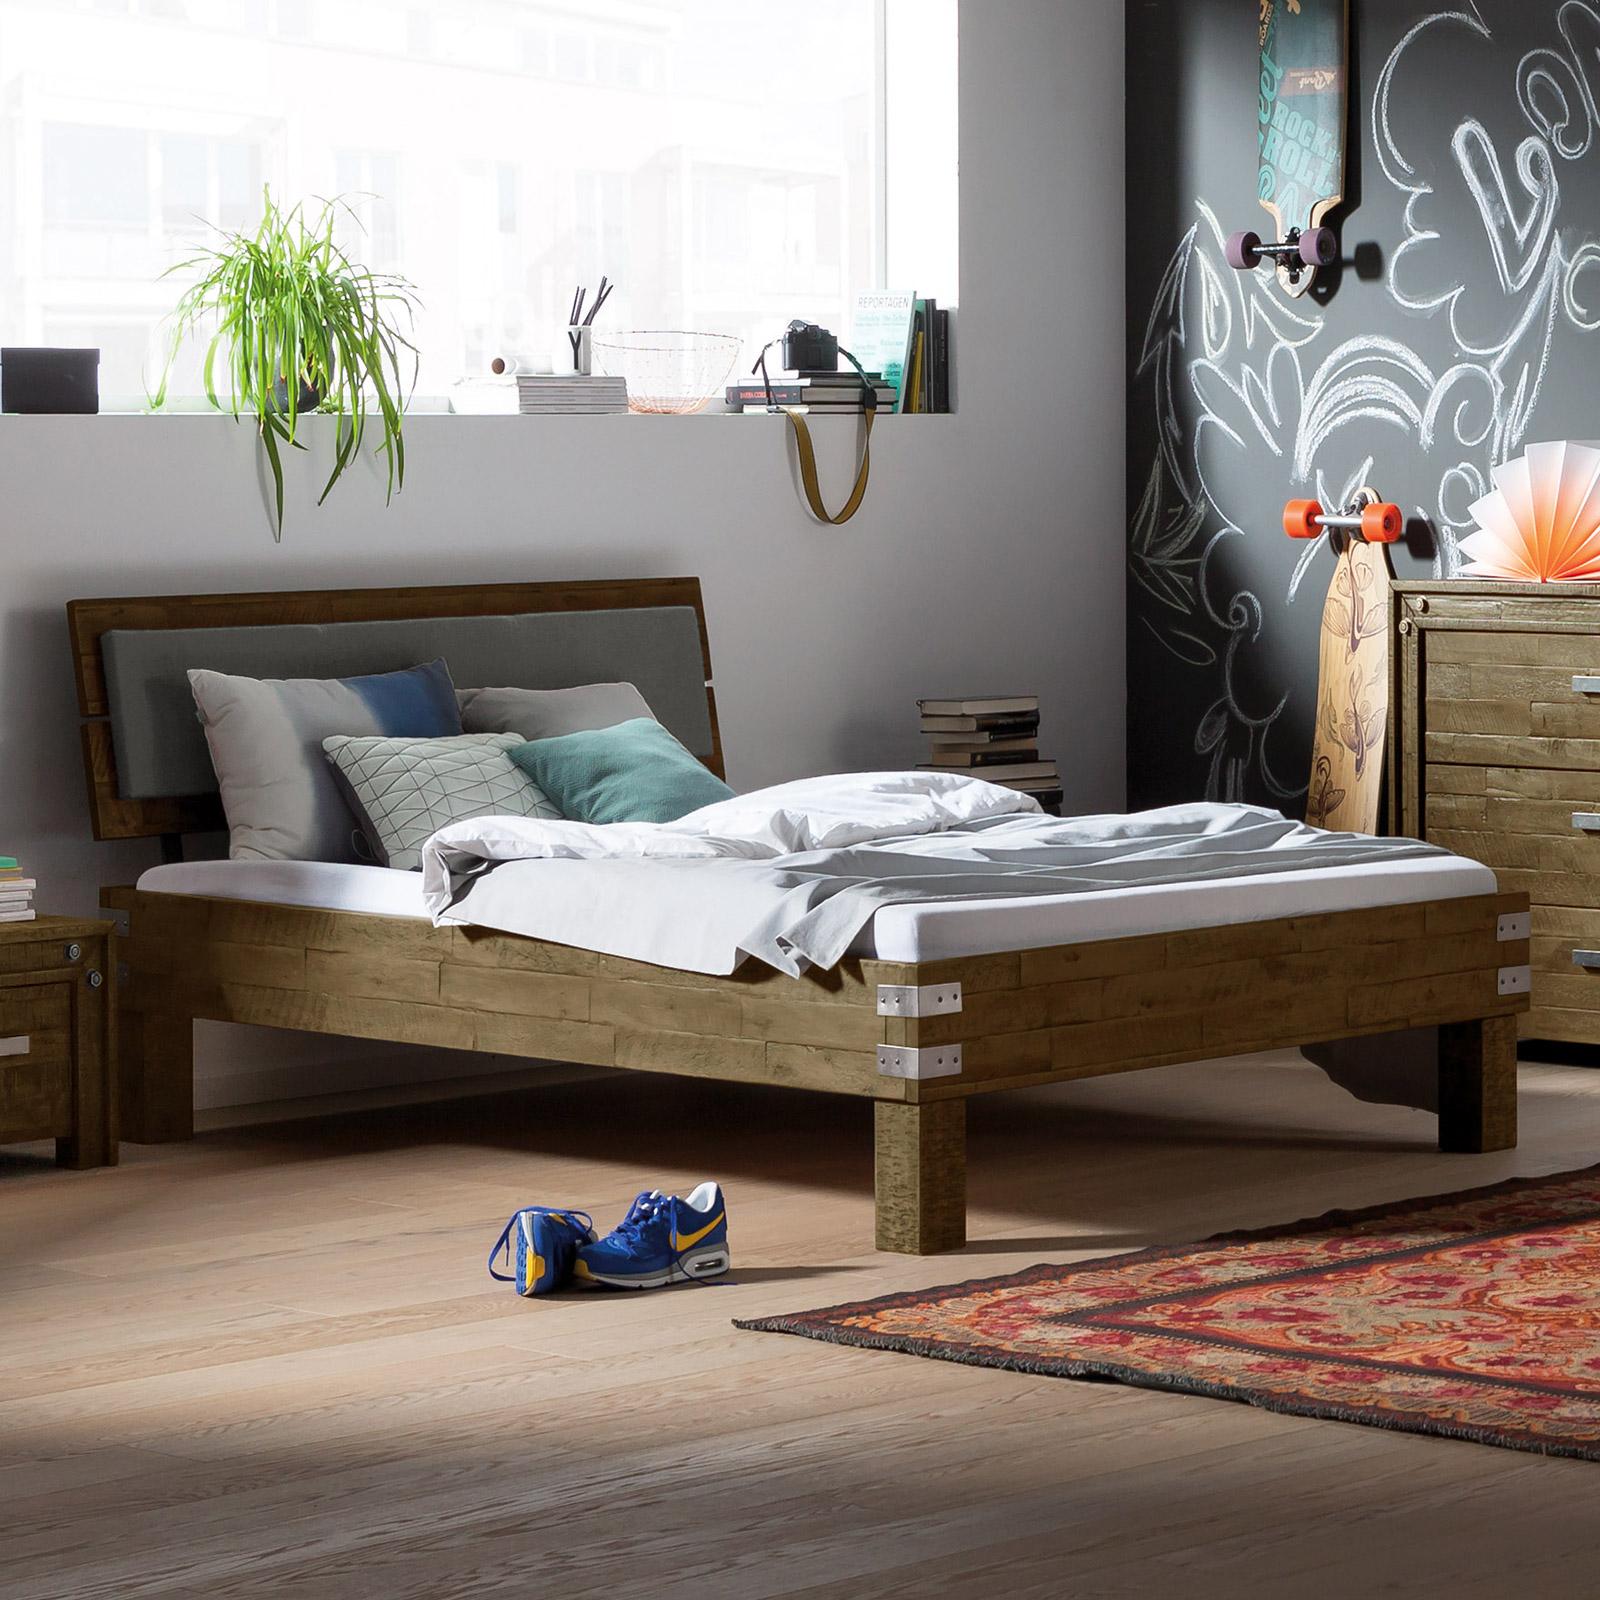 Beeindruckend Teenager Bett Das Beste Von Hochwertiges Und Günstiges Jugendbett Felipe